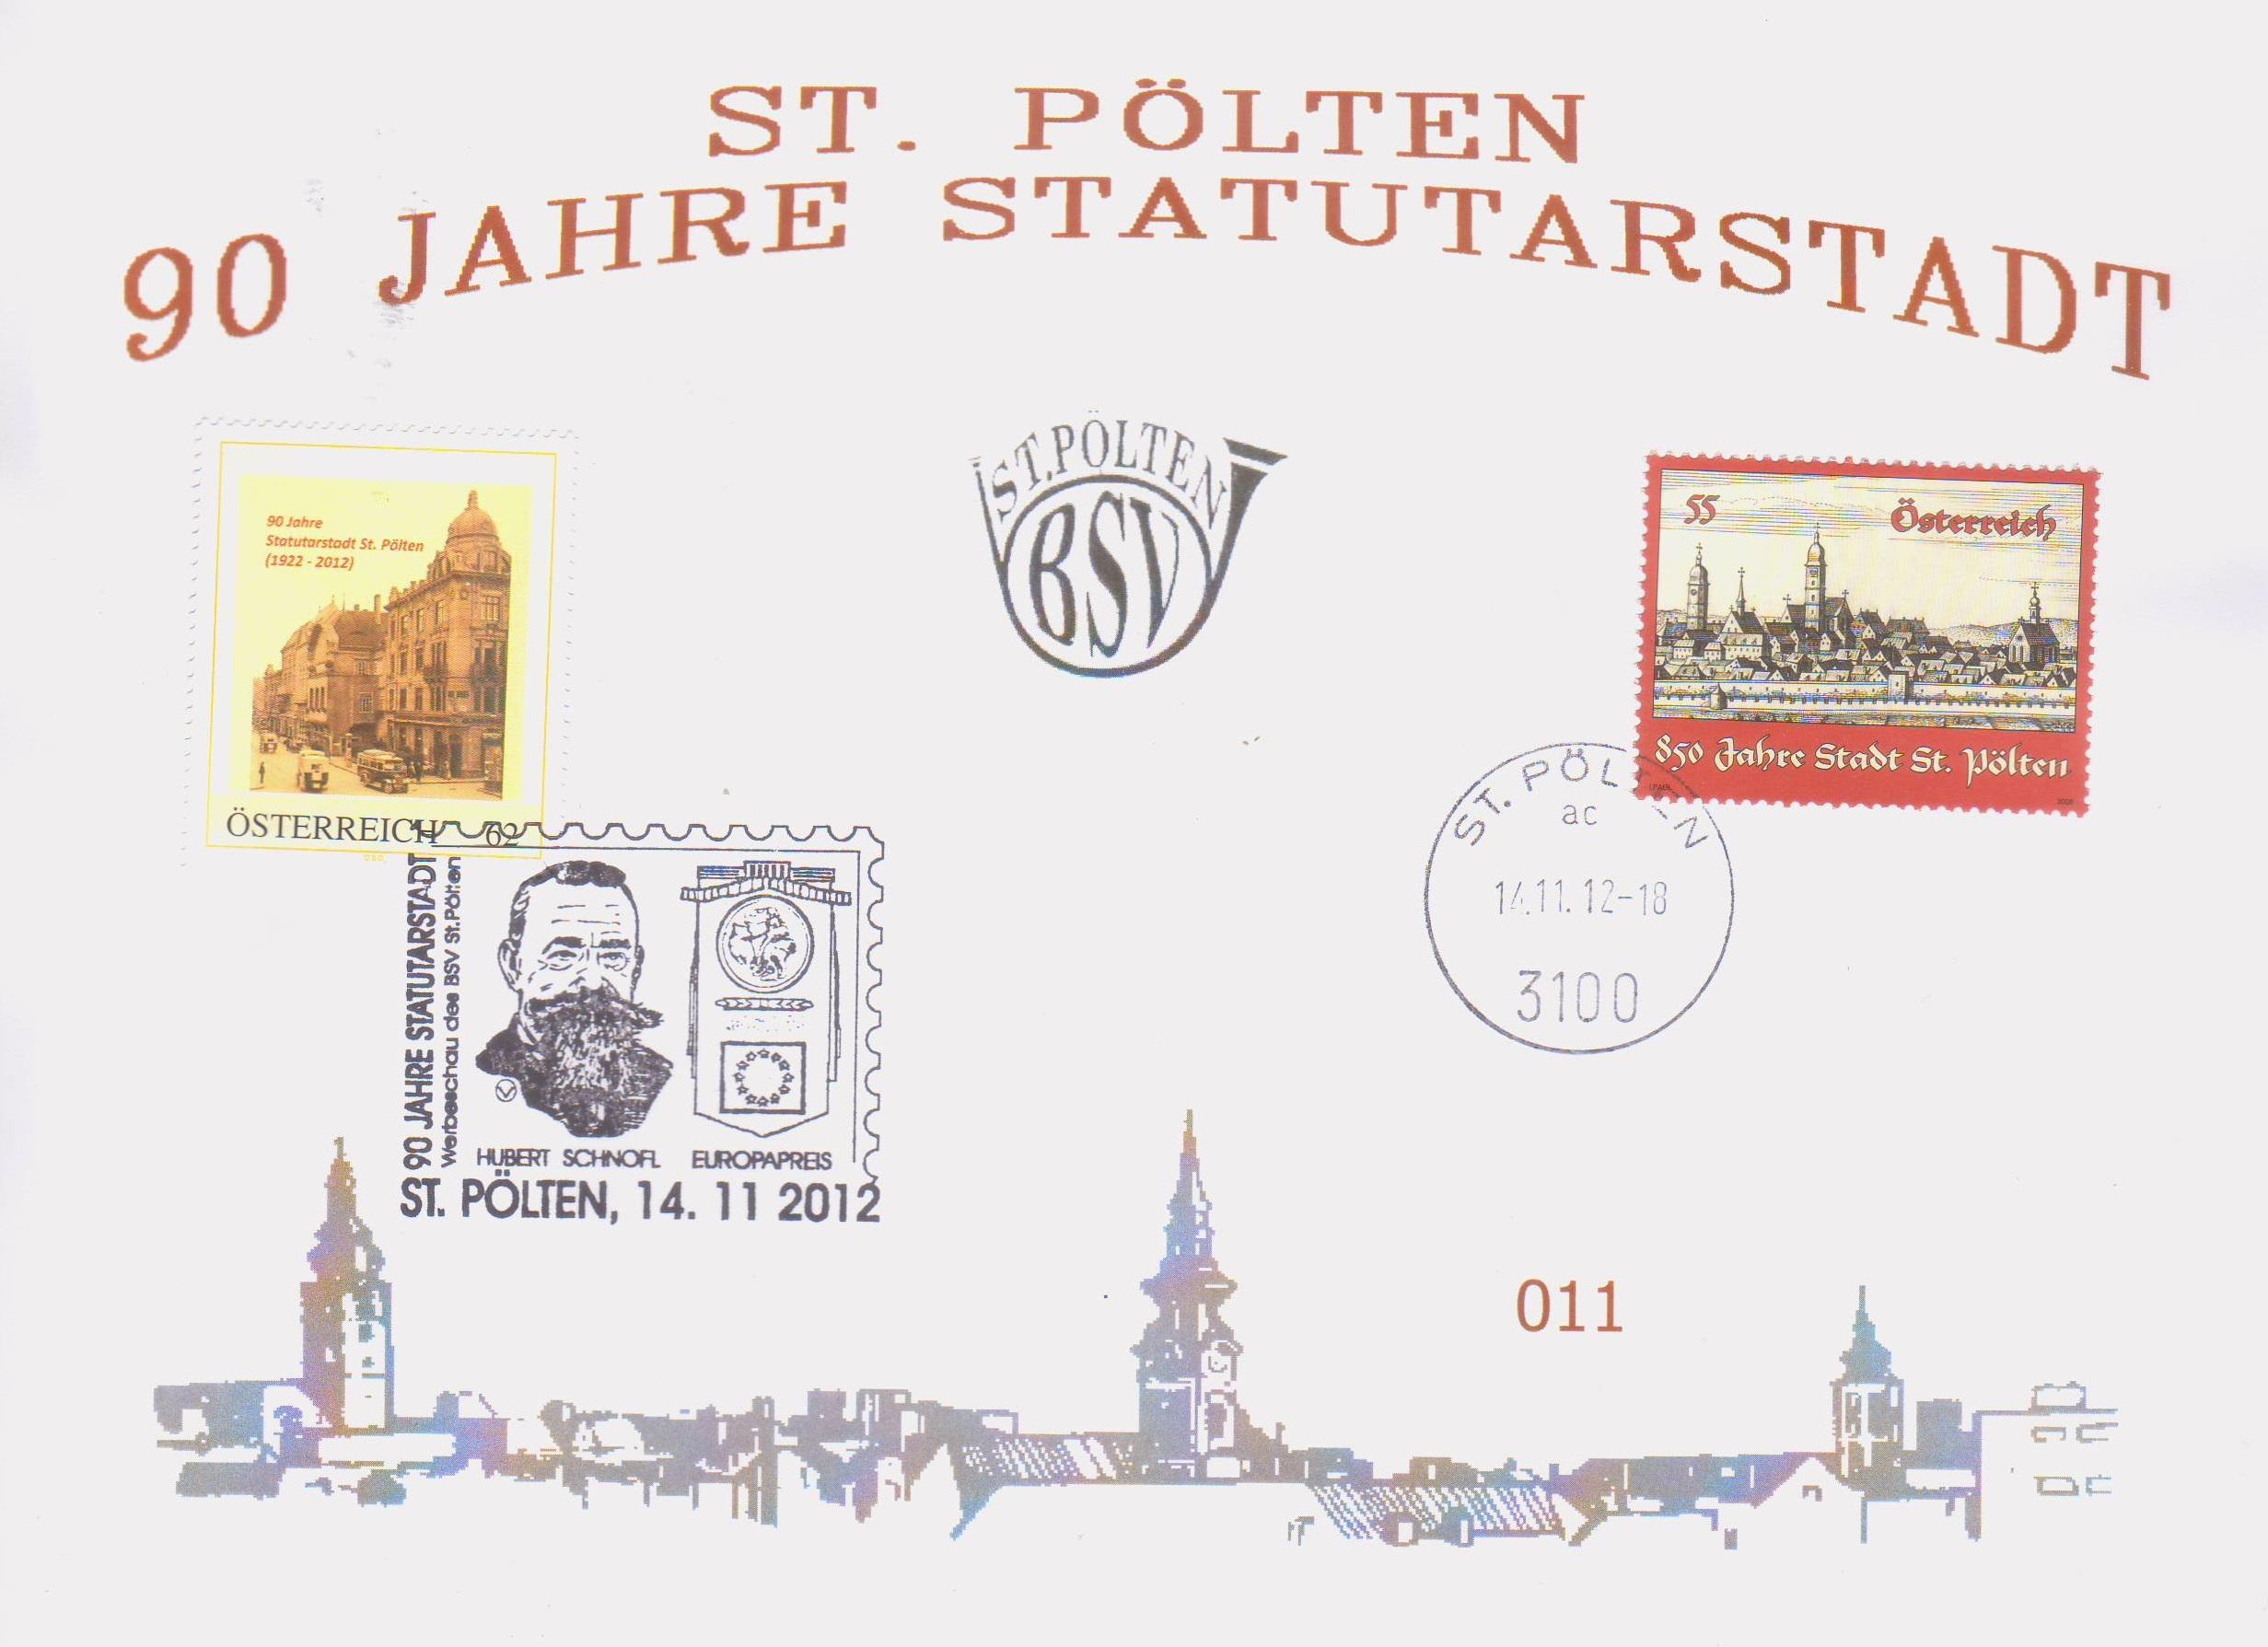 2012 5.-EUR 90 Jahre Statutarstadt